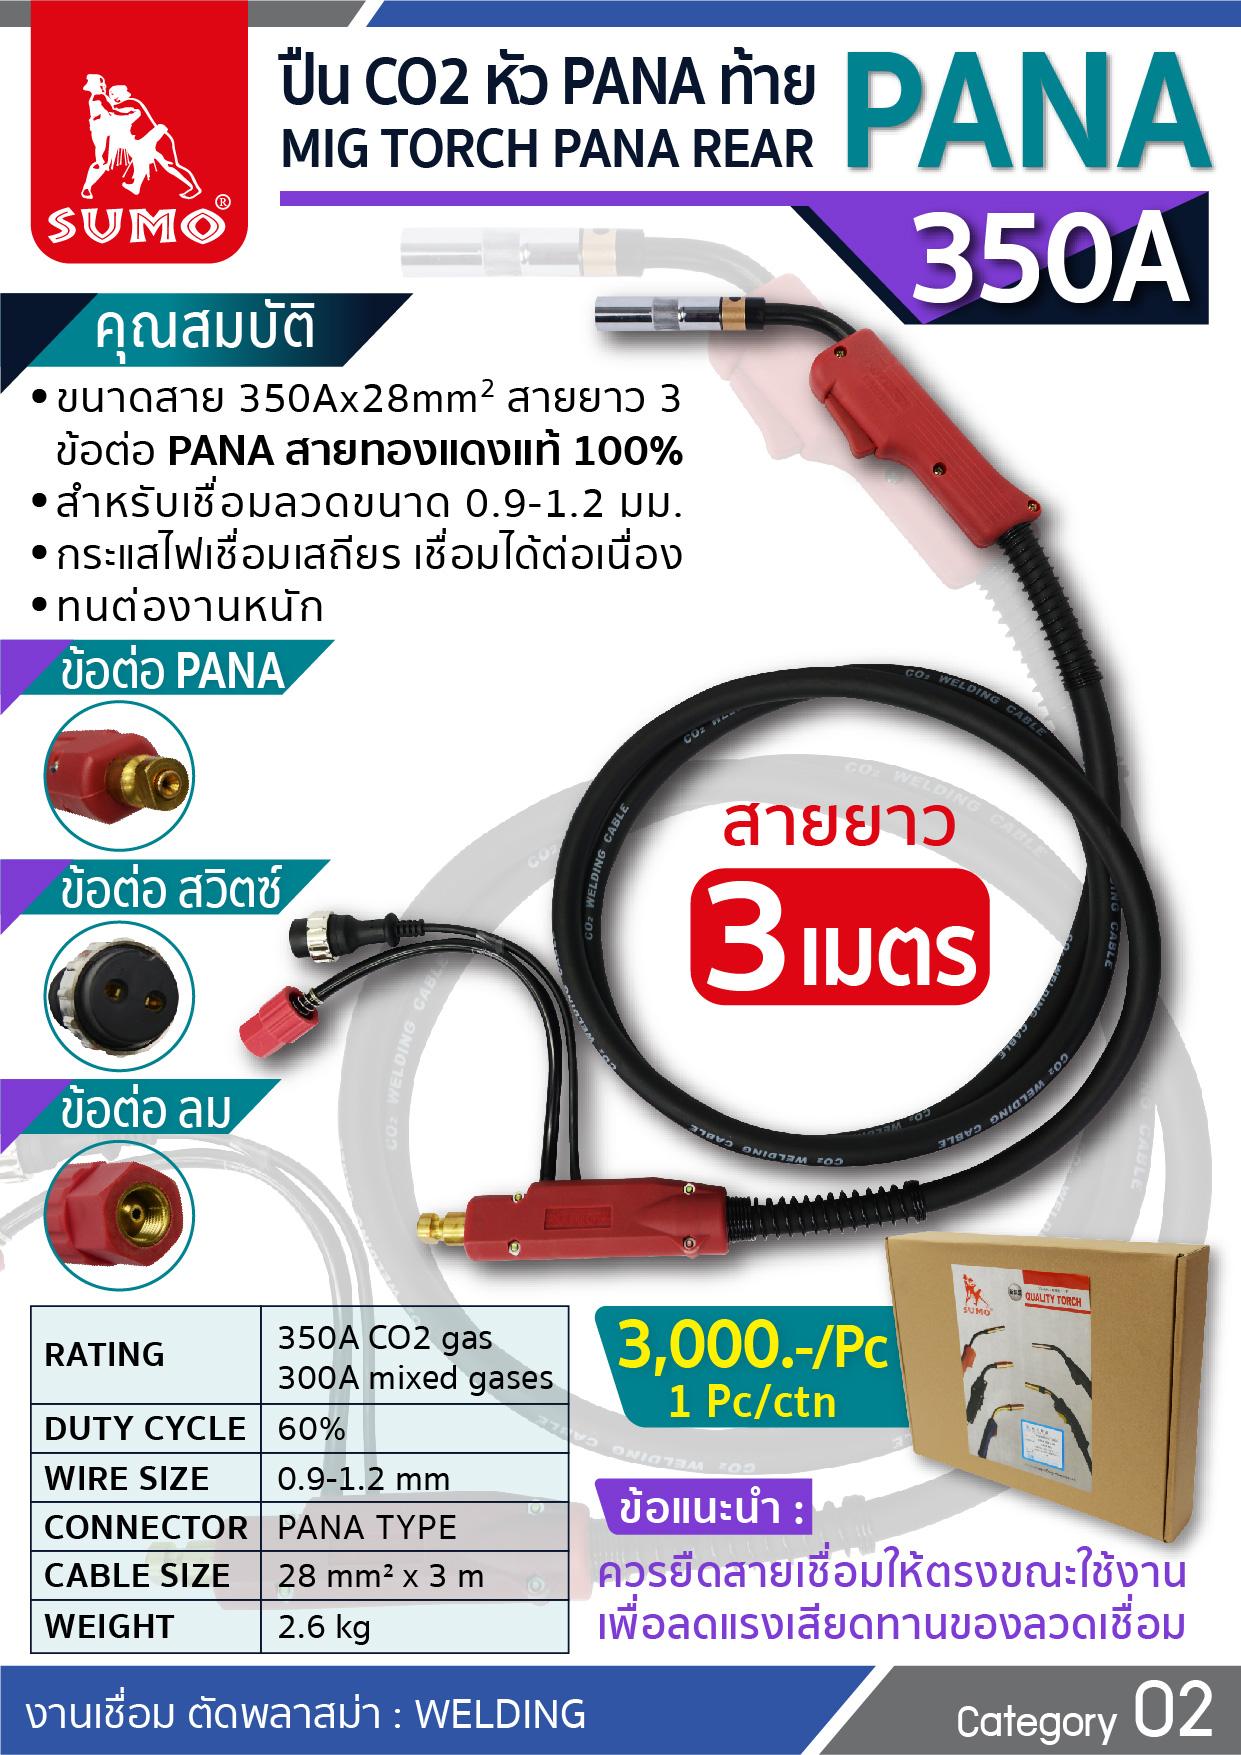 (177/277) ปืน CO2 PANA 350A PANA Tail